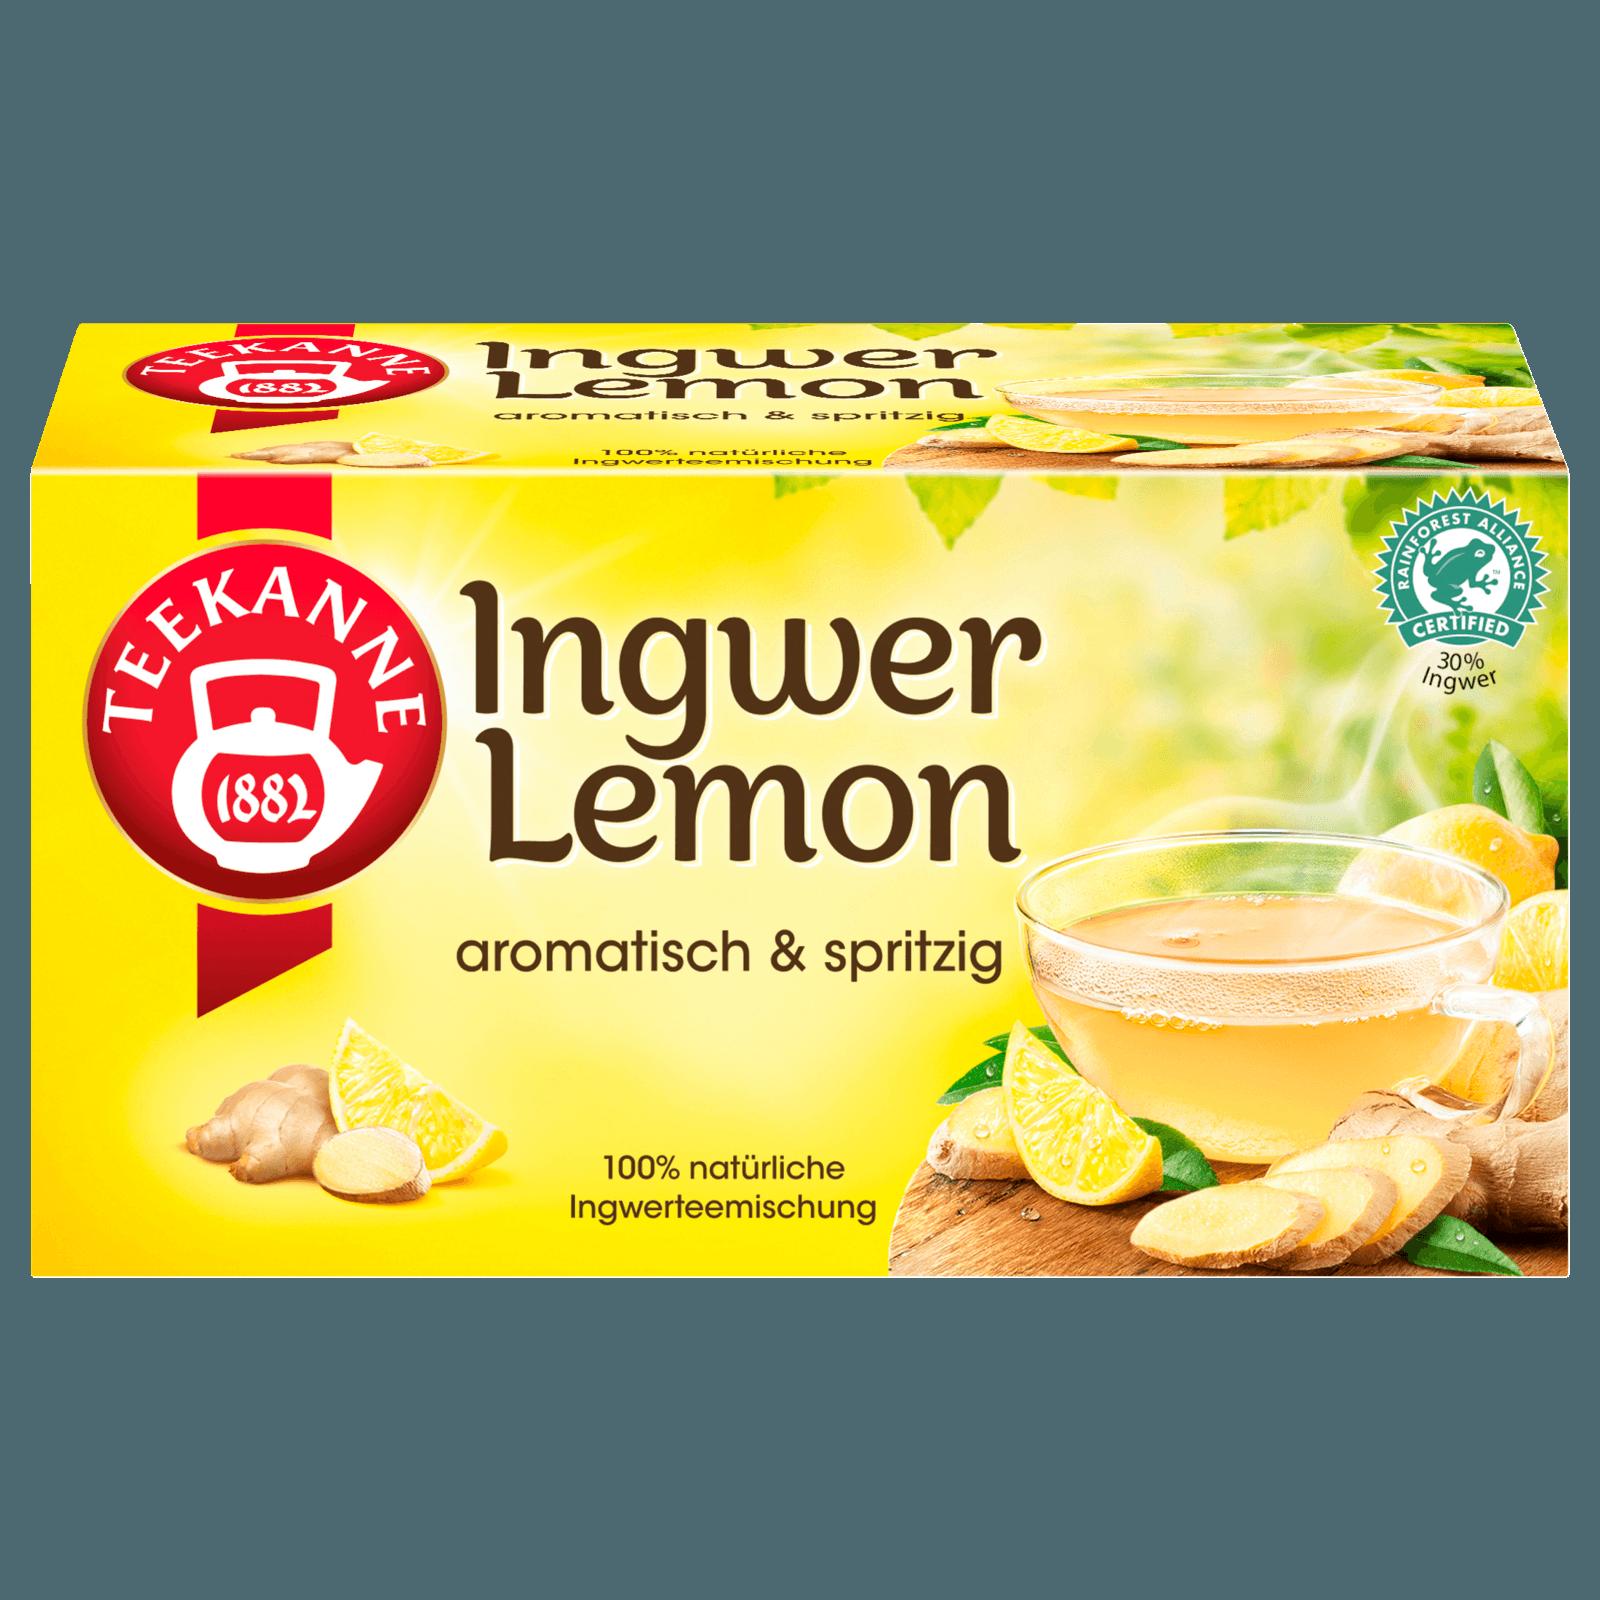 Teekanne Spritziger Ingwer-Lemon 35g, 20 Beutel